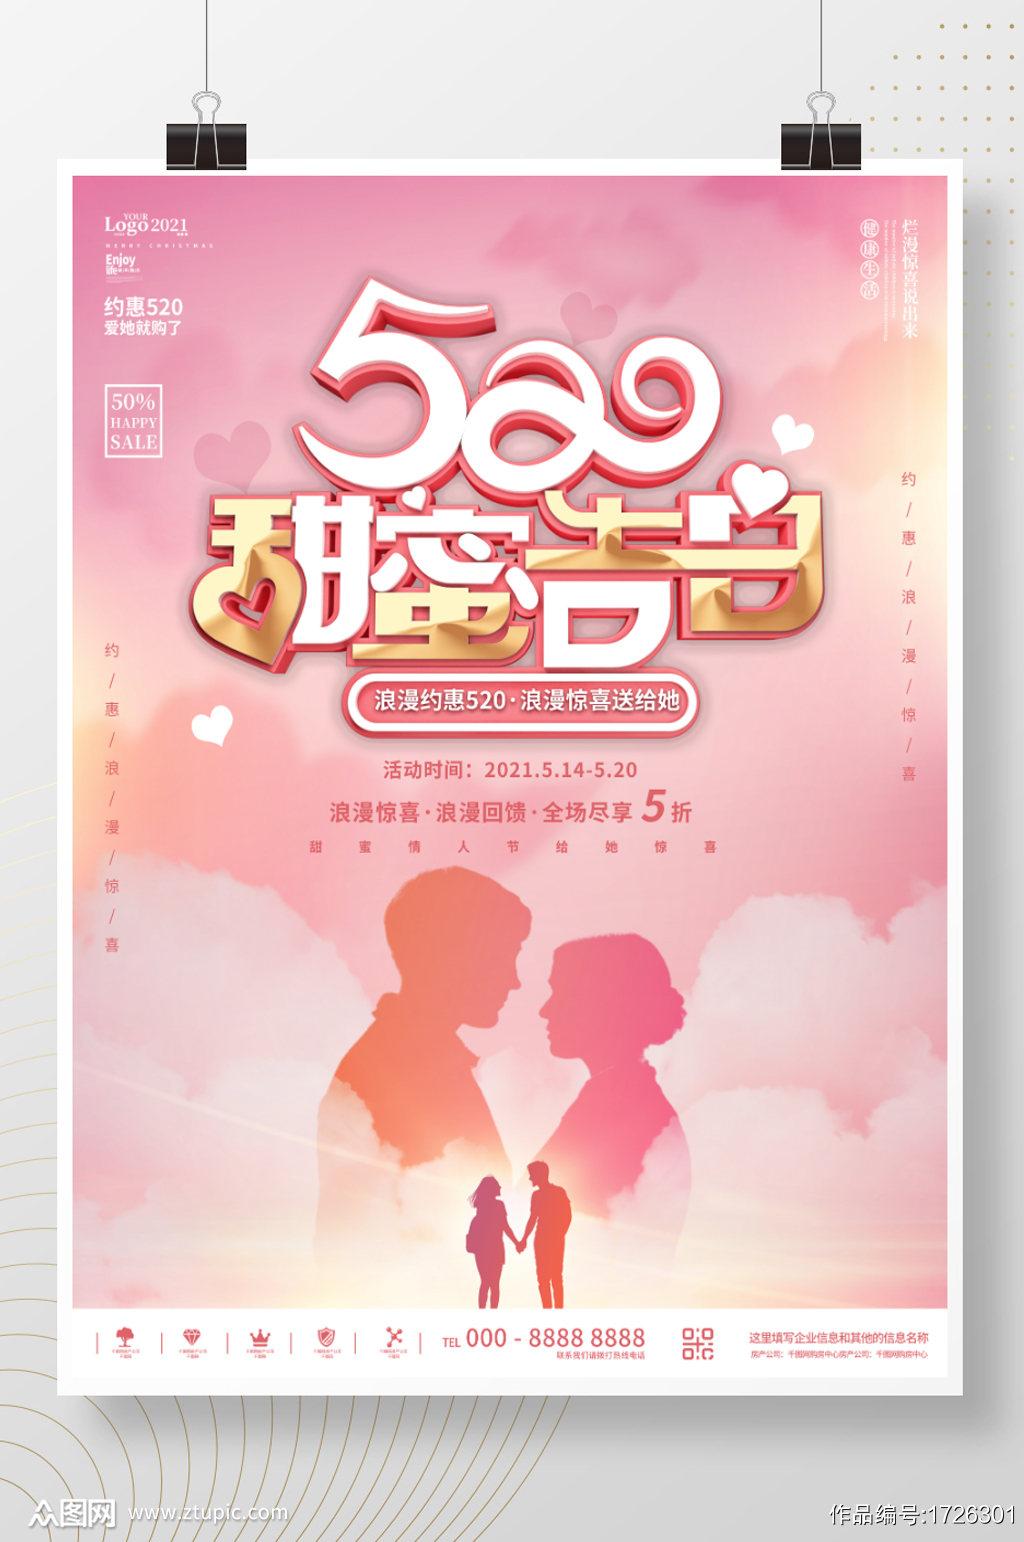 粉色唯美浪漫520情侣情人节商场海报素材